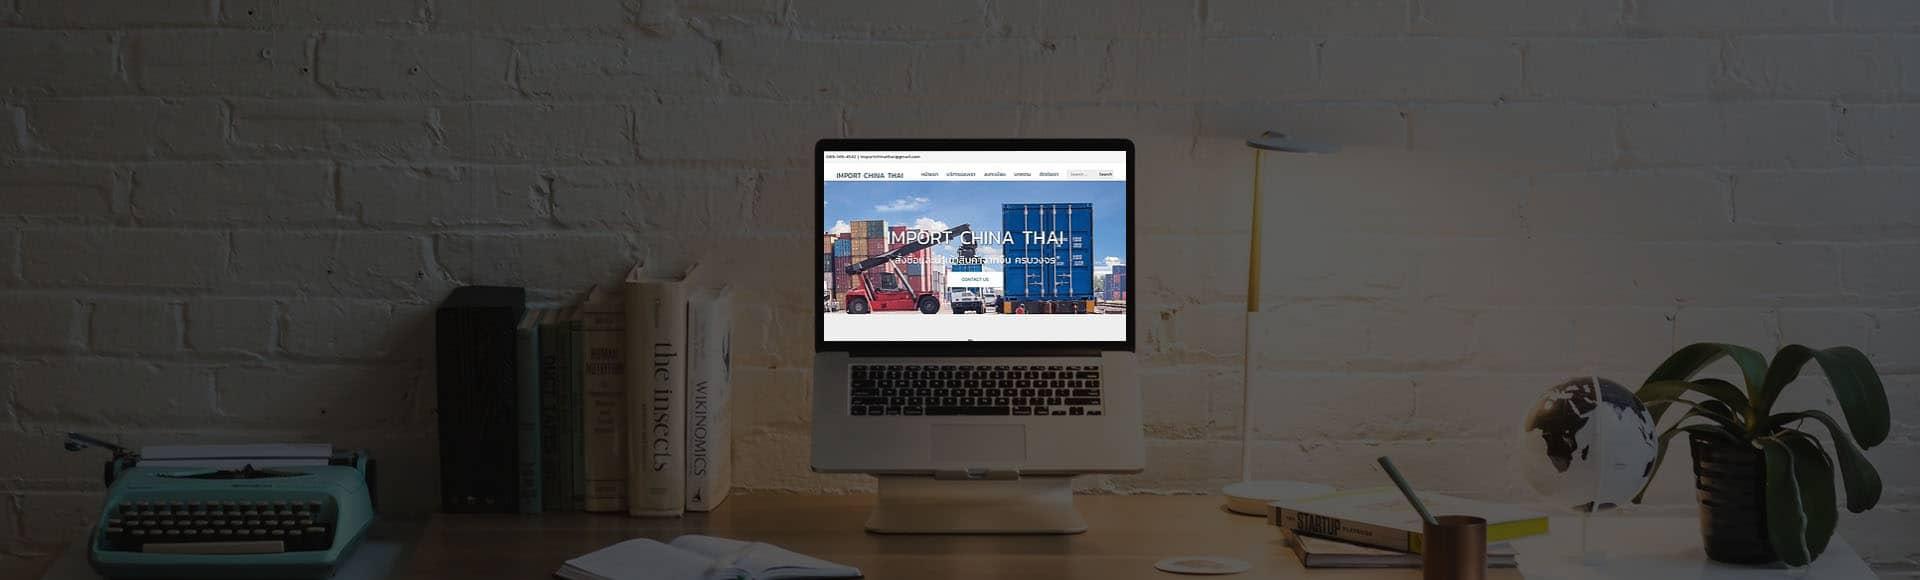 ผลงานทำเว็บไซต์นำเข้าสินค้าจากจีน | บริการรับทำเว็บไซต์ ออกแบบเว็บไซต์